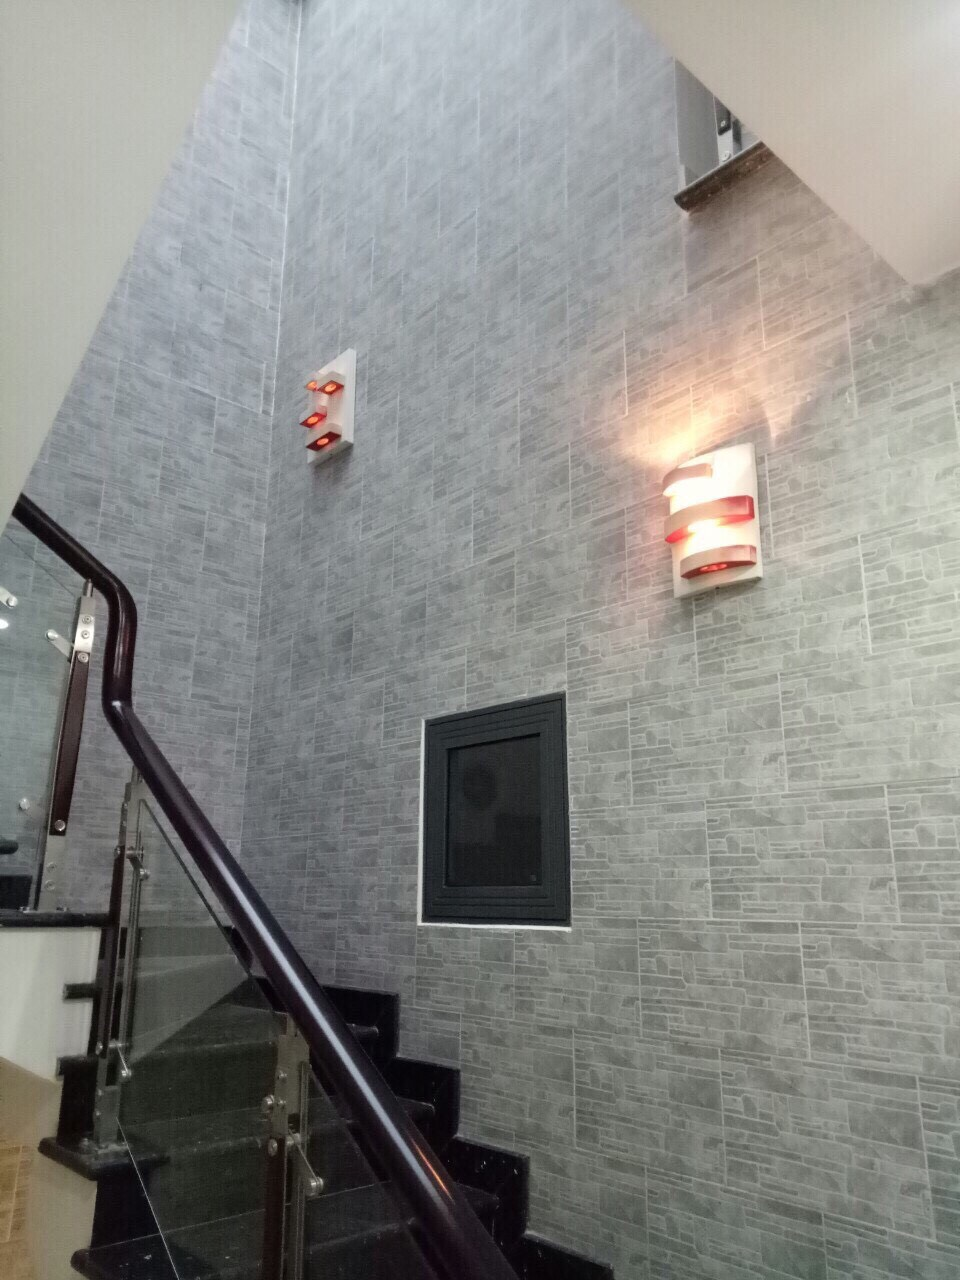 Bán nhà Hẻm xe hơi đường Tô Hiệu phường Tân Thới Hòa quận Tân Phú. Dt 4x14m